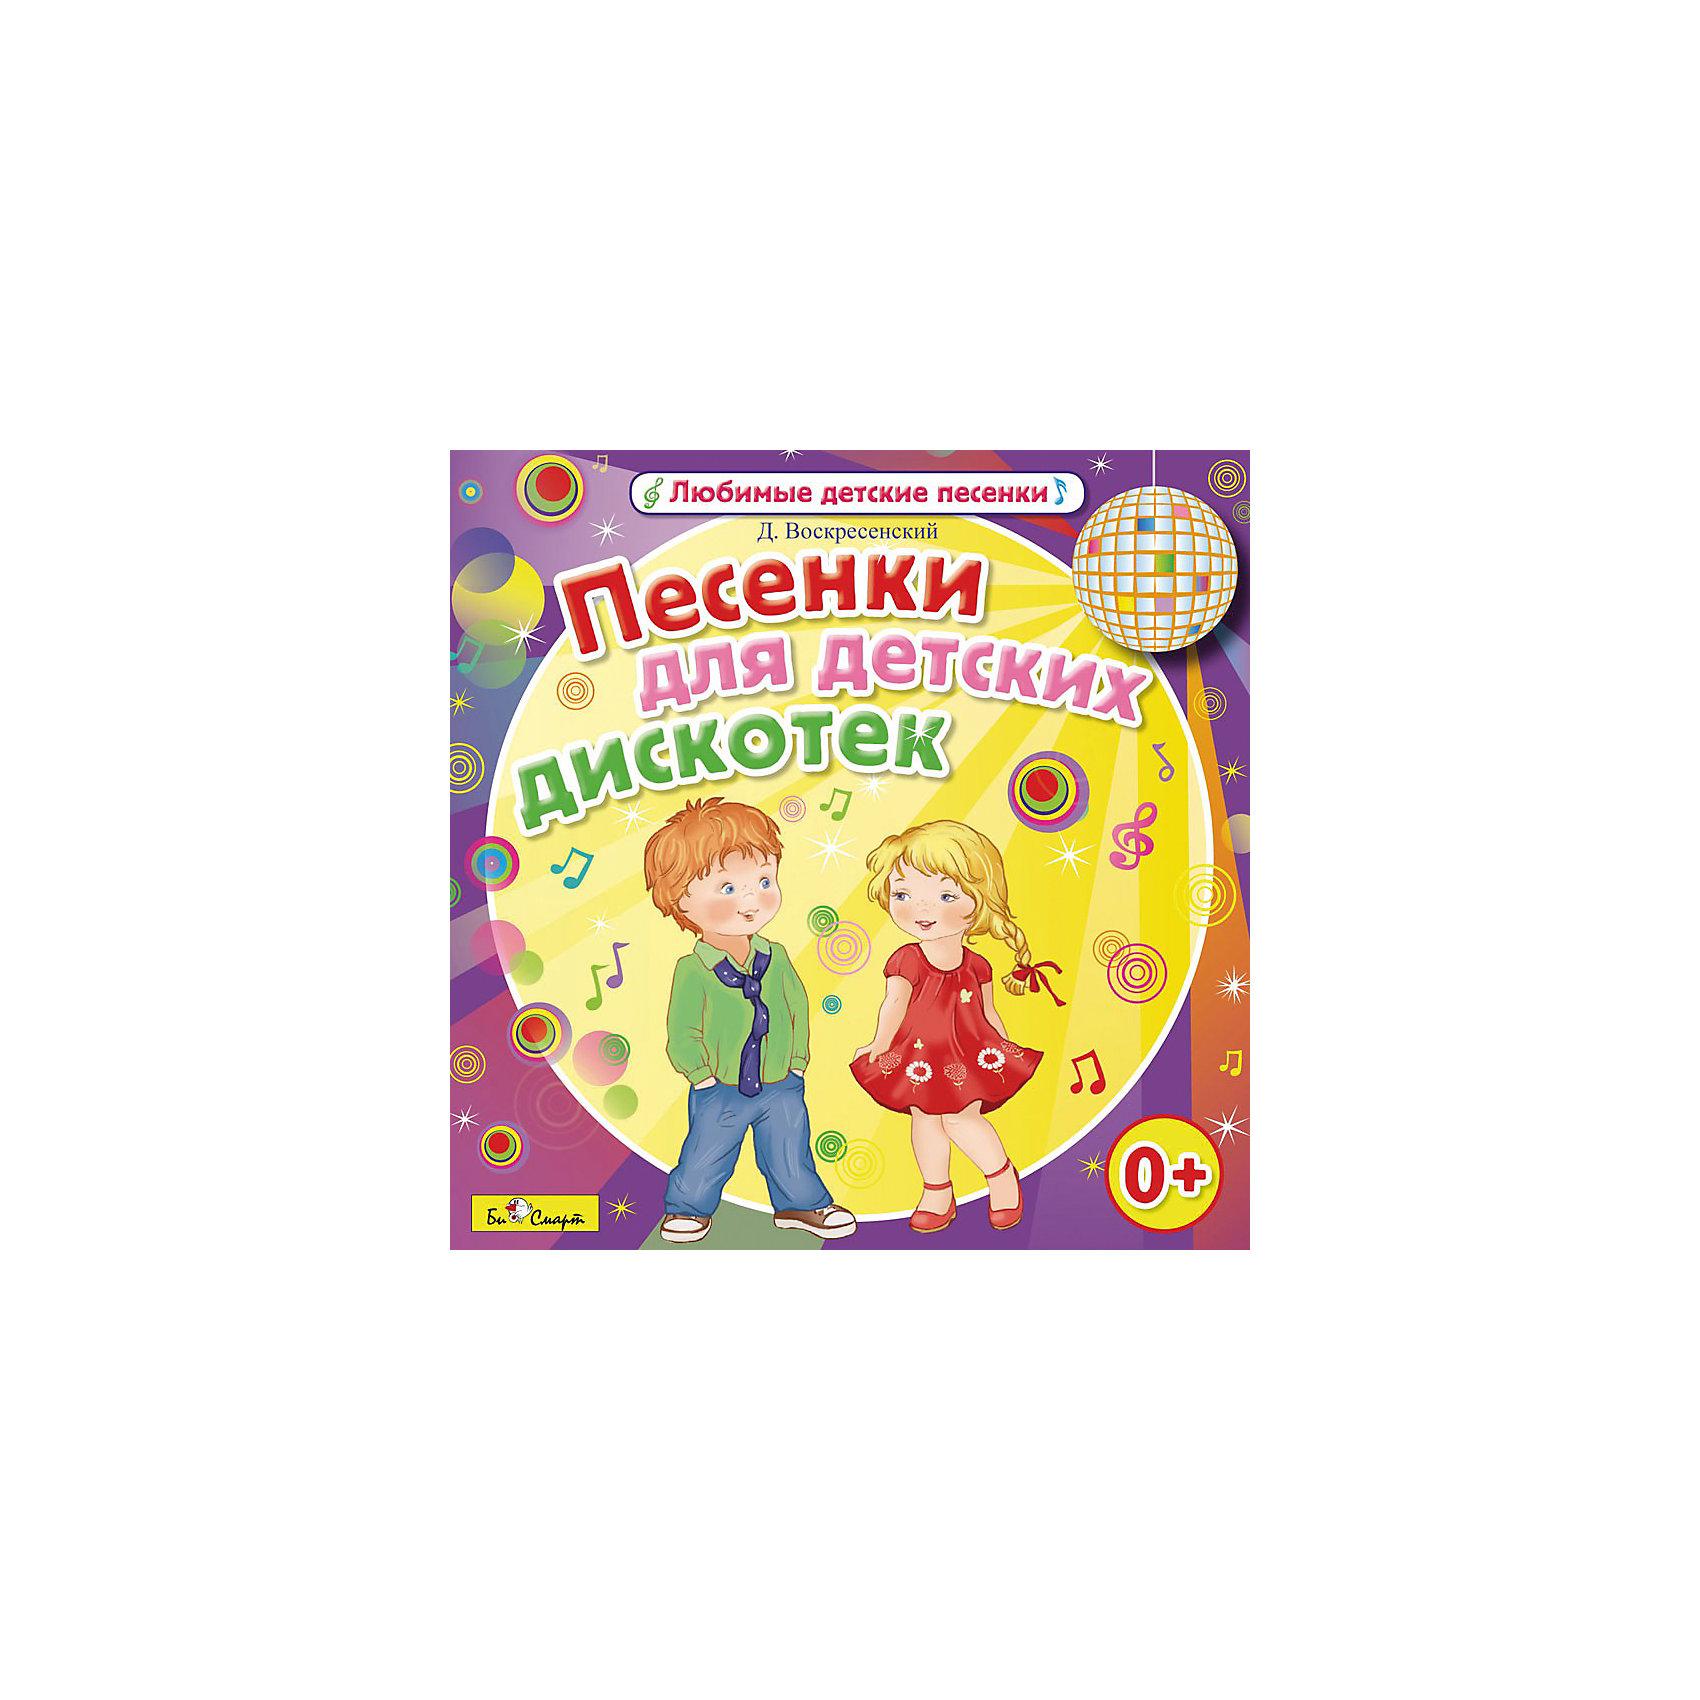 Би Смарт CD. Песенки для детских дискотек (Д. Воскресенский)Аудиокниги, DVD и CD<br>Детская дискотека – одно из самых любимых развлечений для ребят! В детском садике, школе или дома она собирает малышей на первые веселые танцы. <br>На диске «Песенки для детских дискотек» собраны замечательные песни, которые сделают счастливым любой праздник!<br>Автор этих песенок - Дмитрий Юрьевич Воскресенский – композитор, поэт, пианист, певец. Обладатель почетного звания «Человек – Золотое Сердце», Лауреат Всероссийского конкурса композиторов «Классическое Наследие», член Петровской Академии наук и искусств. Он написал более 130 популярных детских песен и колыбельных.<br>«Песенки для детских дискотек» обязательно понравятся малышам и их родителям!<br>Состав диска:<br>1. Юла (муз. и сл. Д. Воскресенский, исп. В. Бондаревская, Д. Бондаревский)       03:58<br>2. Воздушная ладья (муз. и сл. Д. Воскресенский, исп. М. Коломыцев)                                     03:37<br>3. Капитан Дикообраз (муз. и сл. Д. Воскресенский, исп. М. Коломыцев)         03:13<br>4. Где-то на далекой Лимпопо (муз. и сл. Д. Воскресенский, исп. А. Медведева)           04:08<br>5. На Луне (муз. и сл. Д. Воскресенский, исп. М. Коломыцев)                                                   03:54<br>6. Про кошку и мышат (муз. и сл. Д. Воскресенский, исп. А. Медведева)           03:18<br>7. Летающие слоны (муз. и сл. Д. Воскресенский, исп. В. Валицкая)                                          04:27<br>8. Два ботинка (муз. и сл. Д. Воскресенский, исп. Д. Воскресенский)                                        02:47<br>9. Бай-бай, засыпай (муз. и сл. Д. Воскресенский, исп. В. Валицкая)                                          05:42<br>10-18. Минусовые фонограммы.<br>Общее время звучания: 70:15<br><br>Ширина мм: 142<br>Глубина мм: 10<br>Высота мм: 125<br>Вес г: 79<br>Возраст от месяцев: 60<br>Возраст до месяцев: 84<br>Пол: Унисекс<br>Возраст: Детский<br>SKU: 3098221